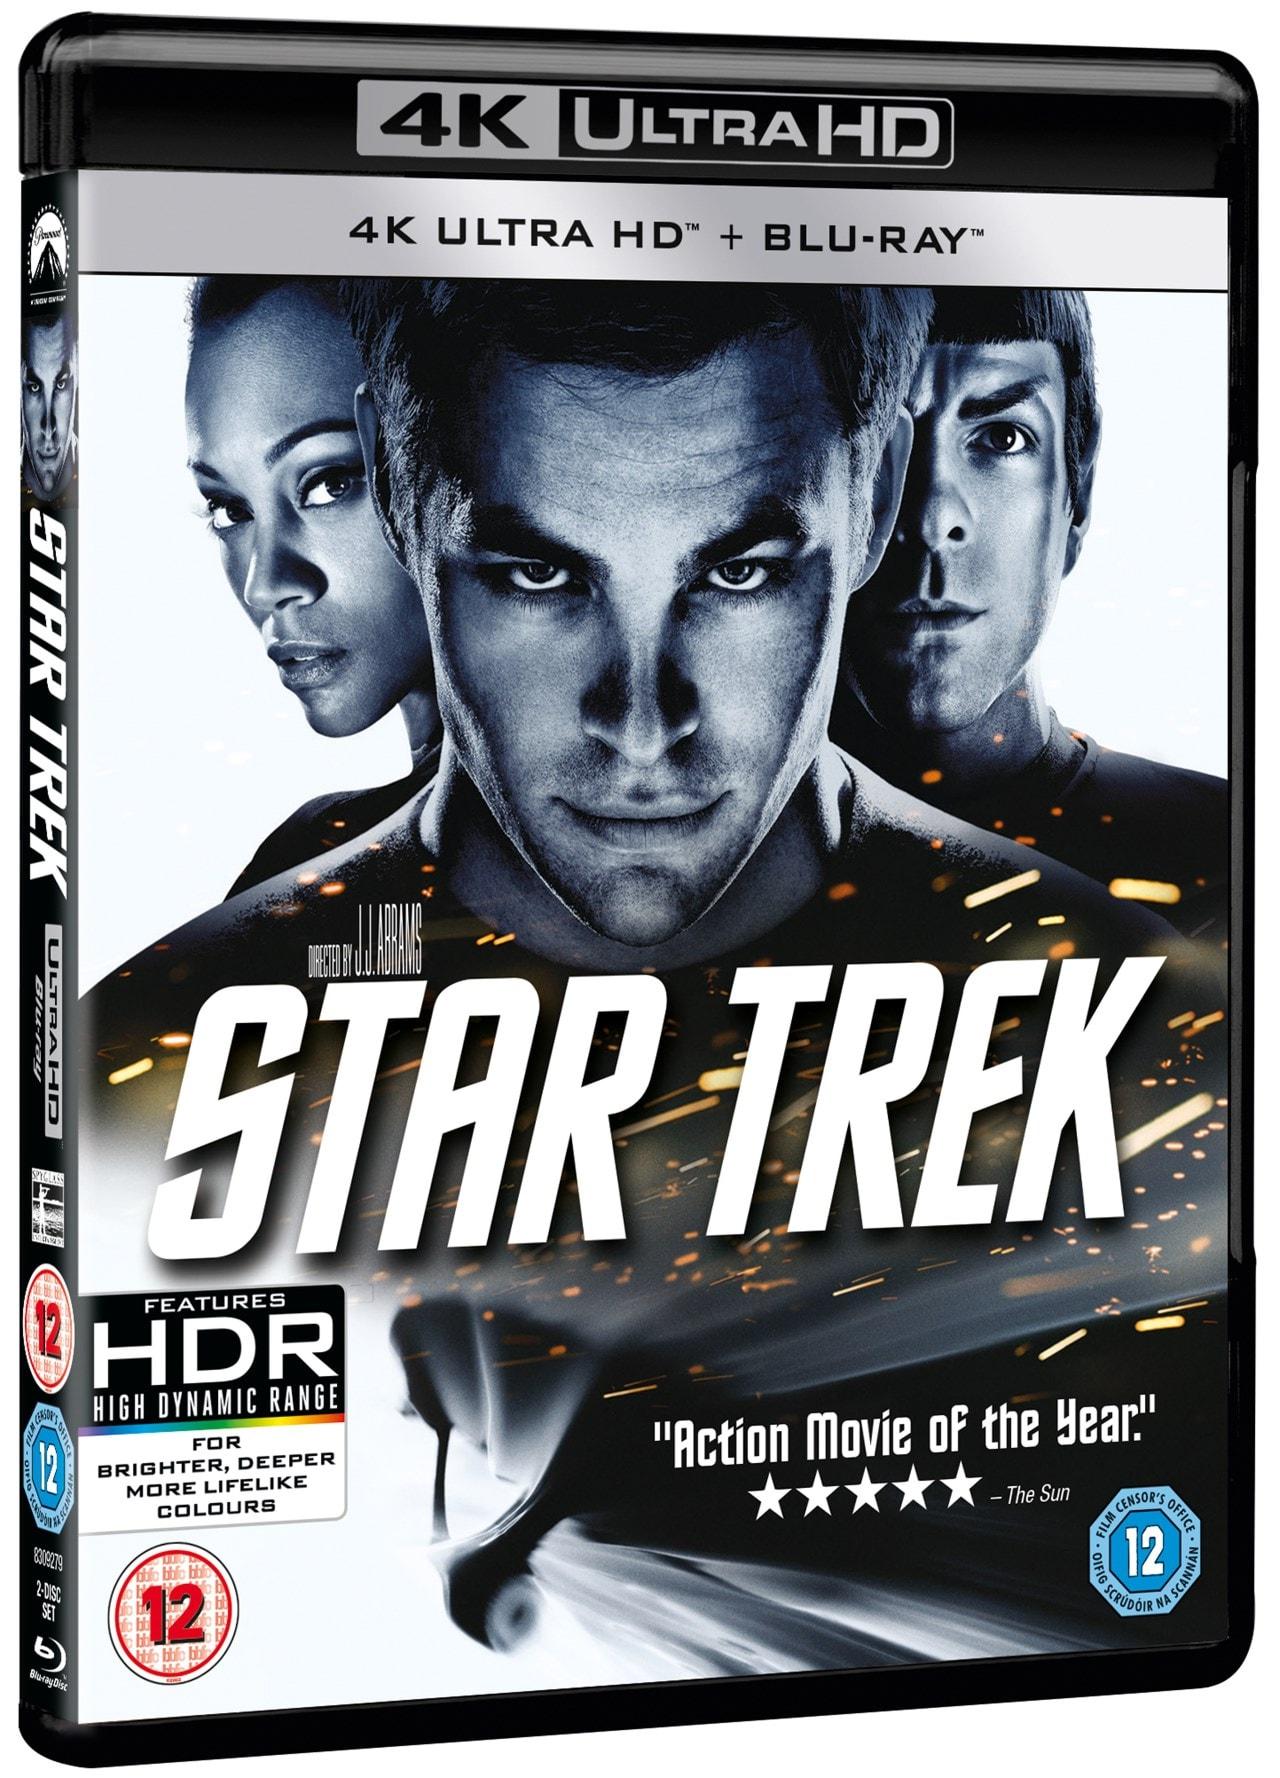 Star Trek - 2